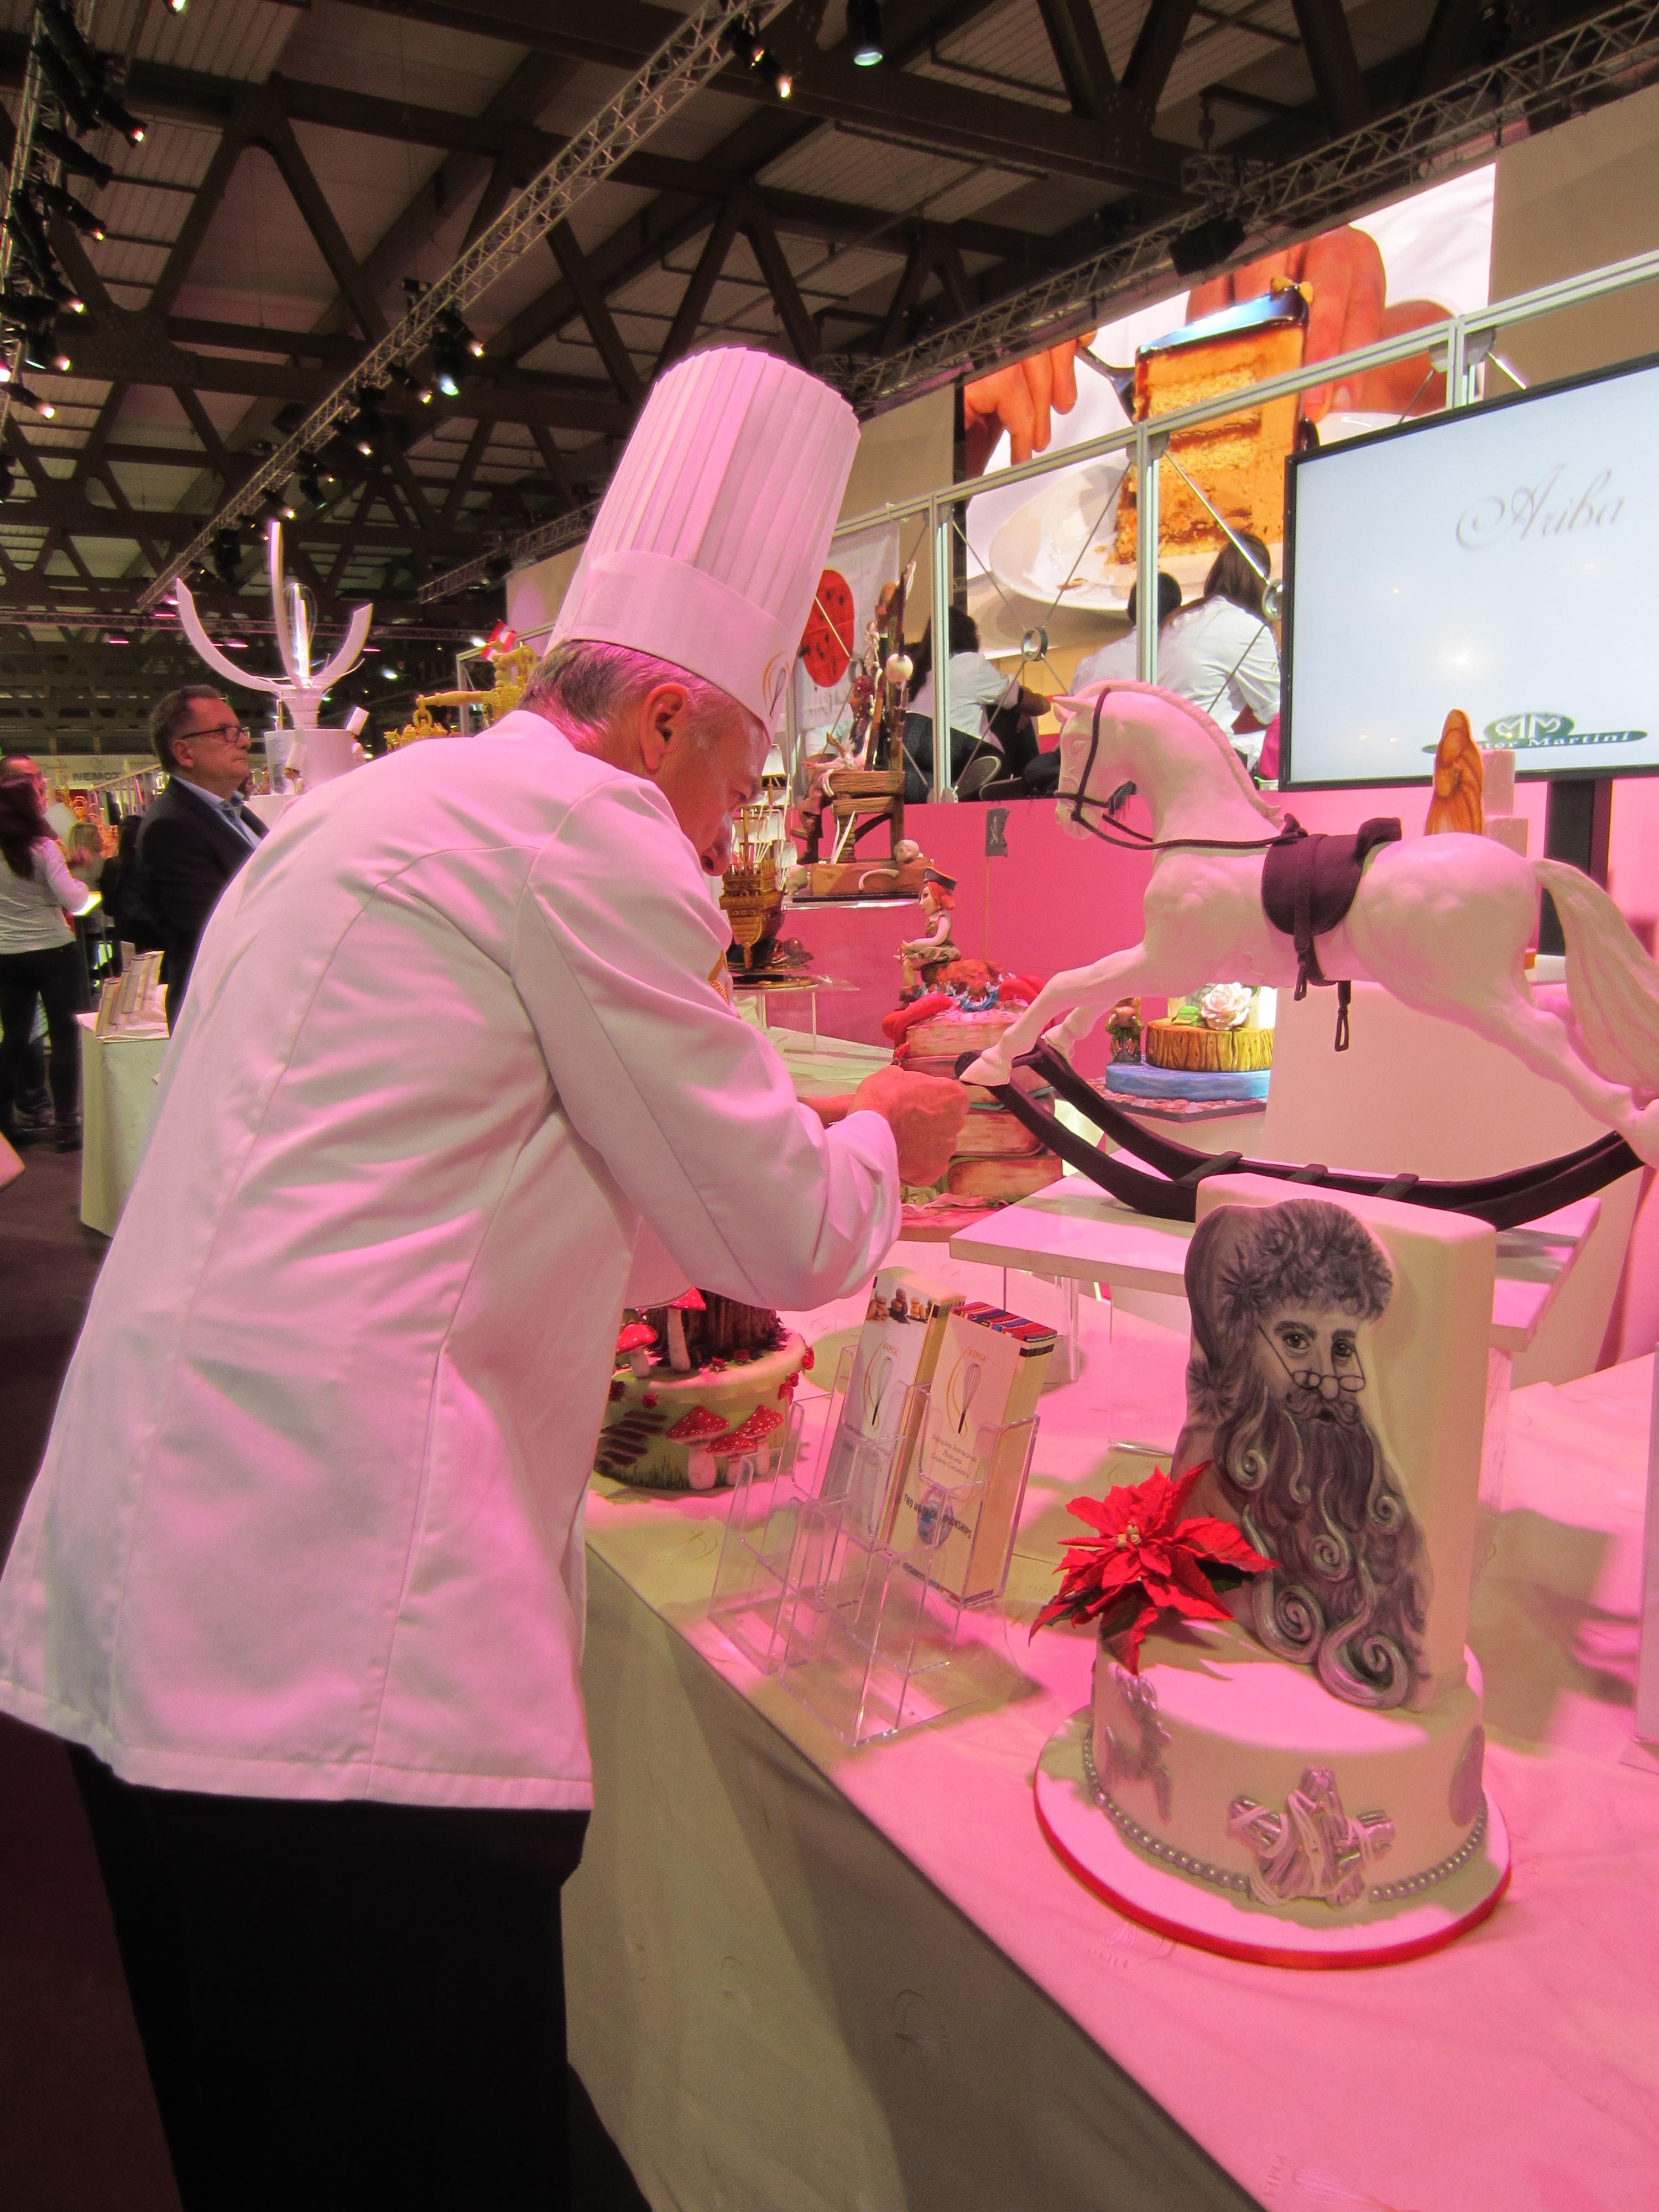 Sladké mistrovství – mistovství světa ve výrobě dostů na veletrhu Host Milano